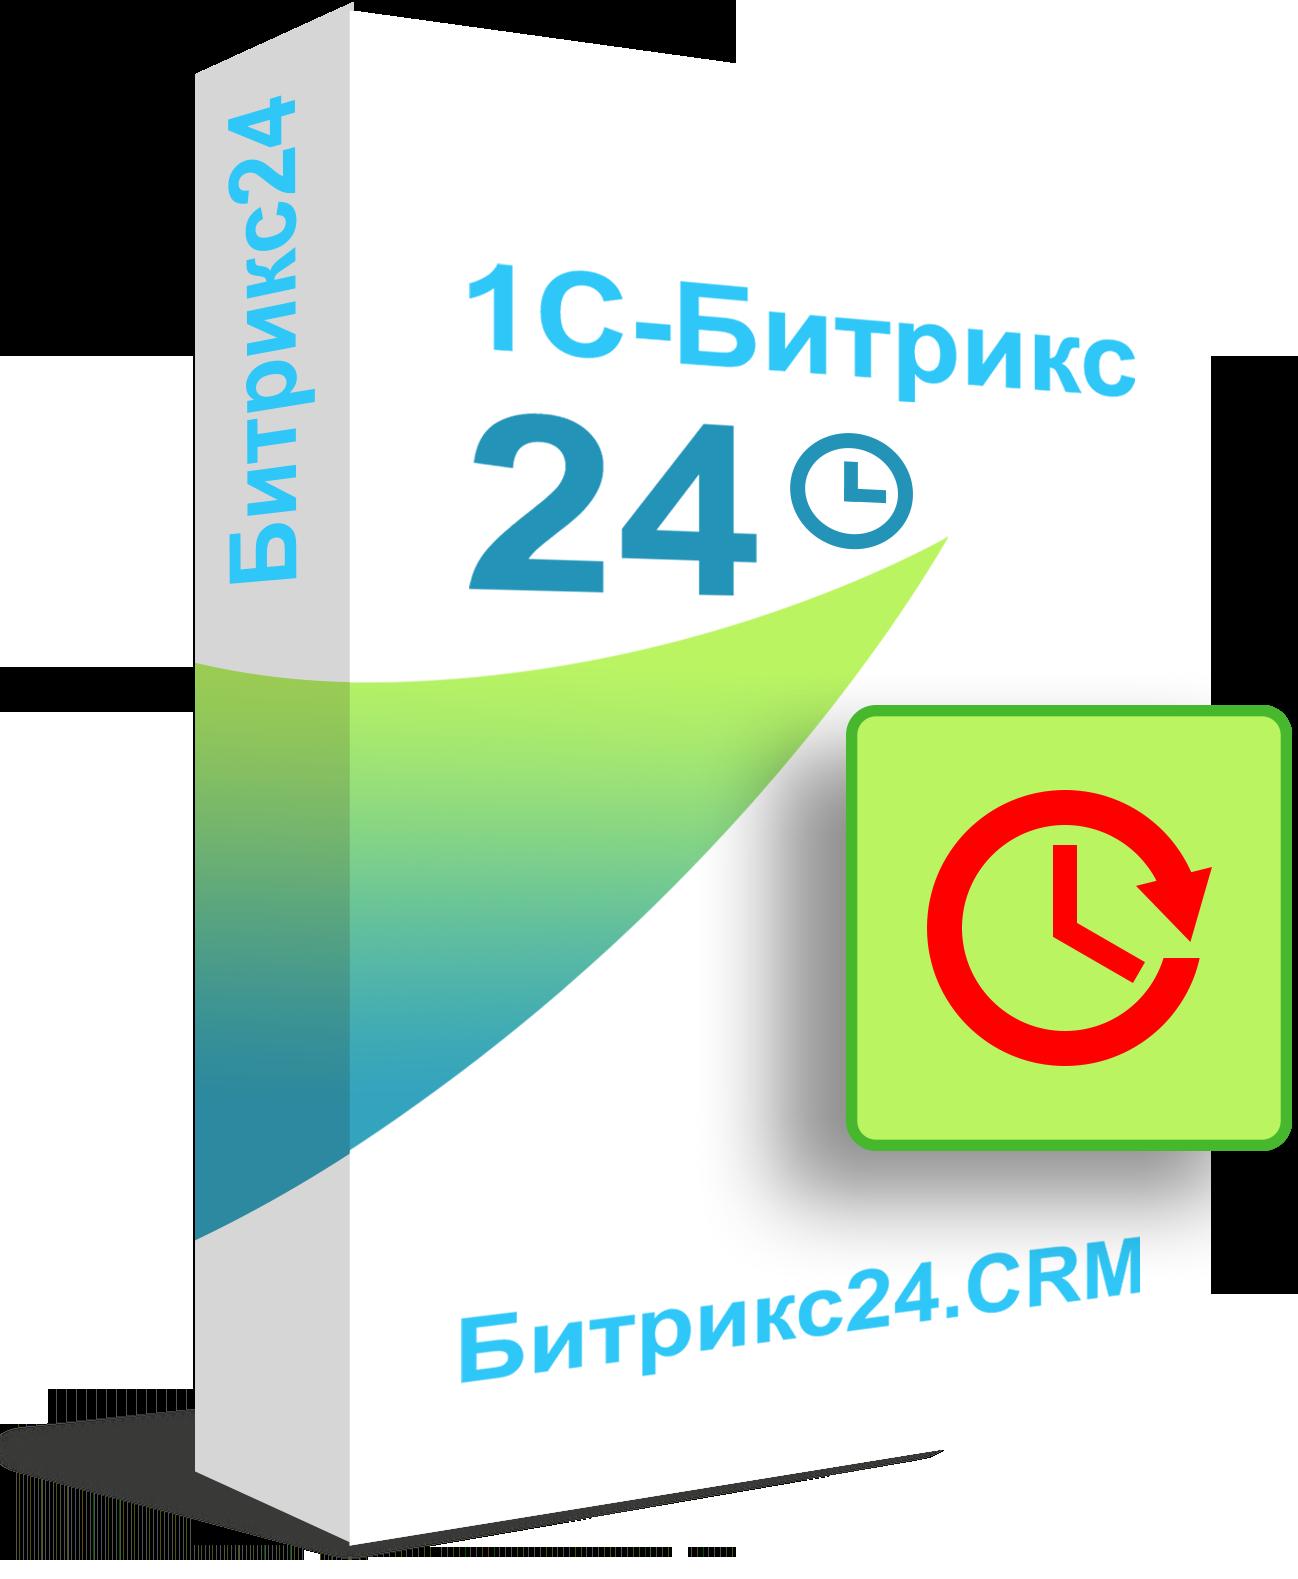 bda99b4ca93a0 Выгодно купить 1C-Битрикс24 Лицензия CRM (стандартное продление) без ...